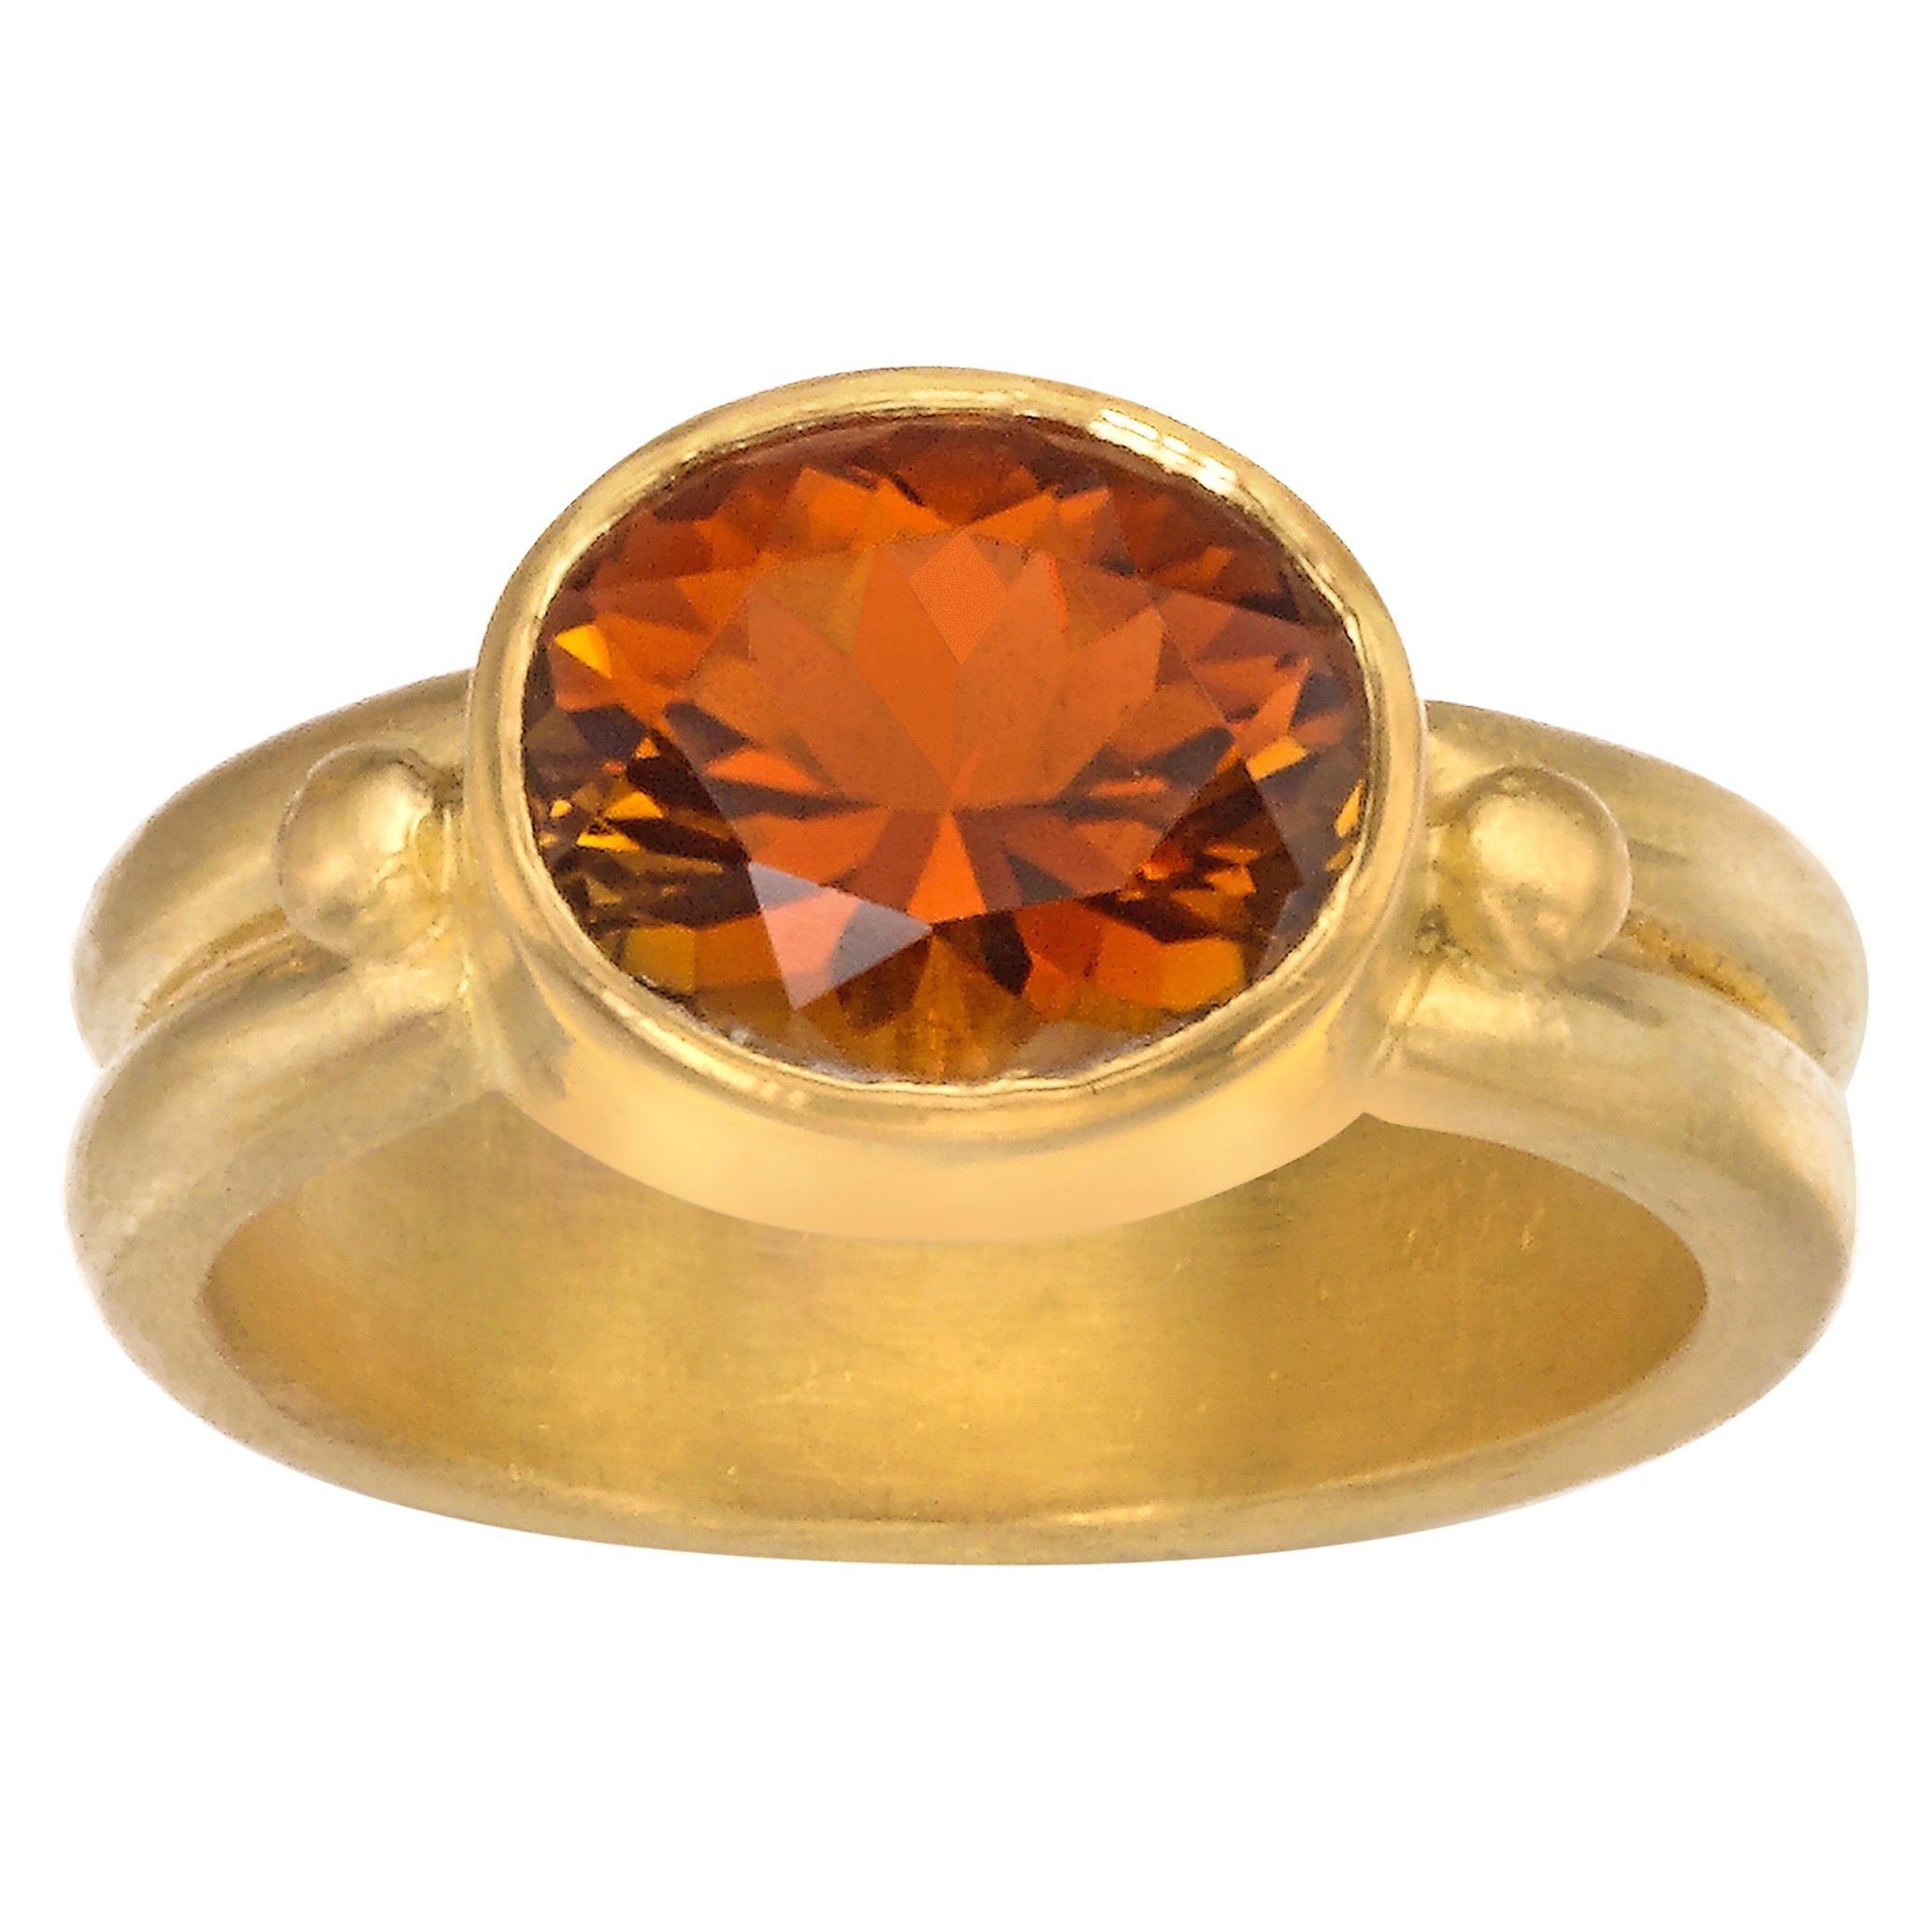 Cognac Tourmaline Ring in 22 Karat Yellow Gold